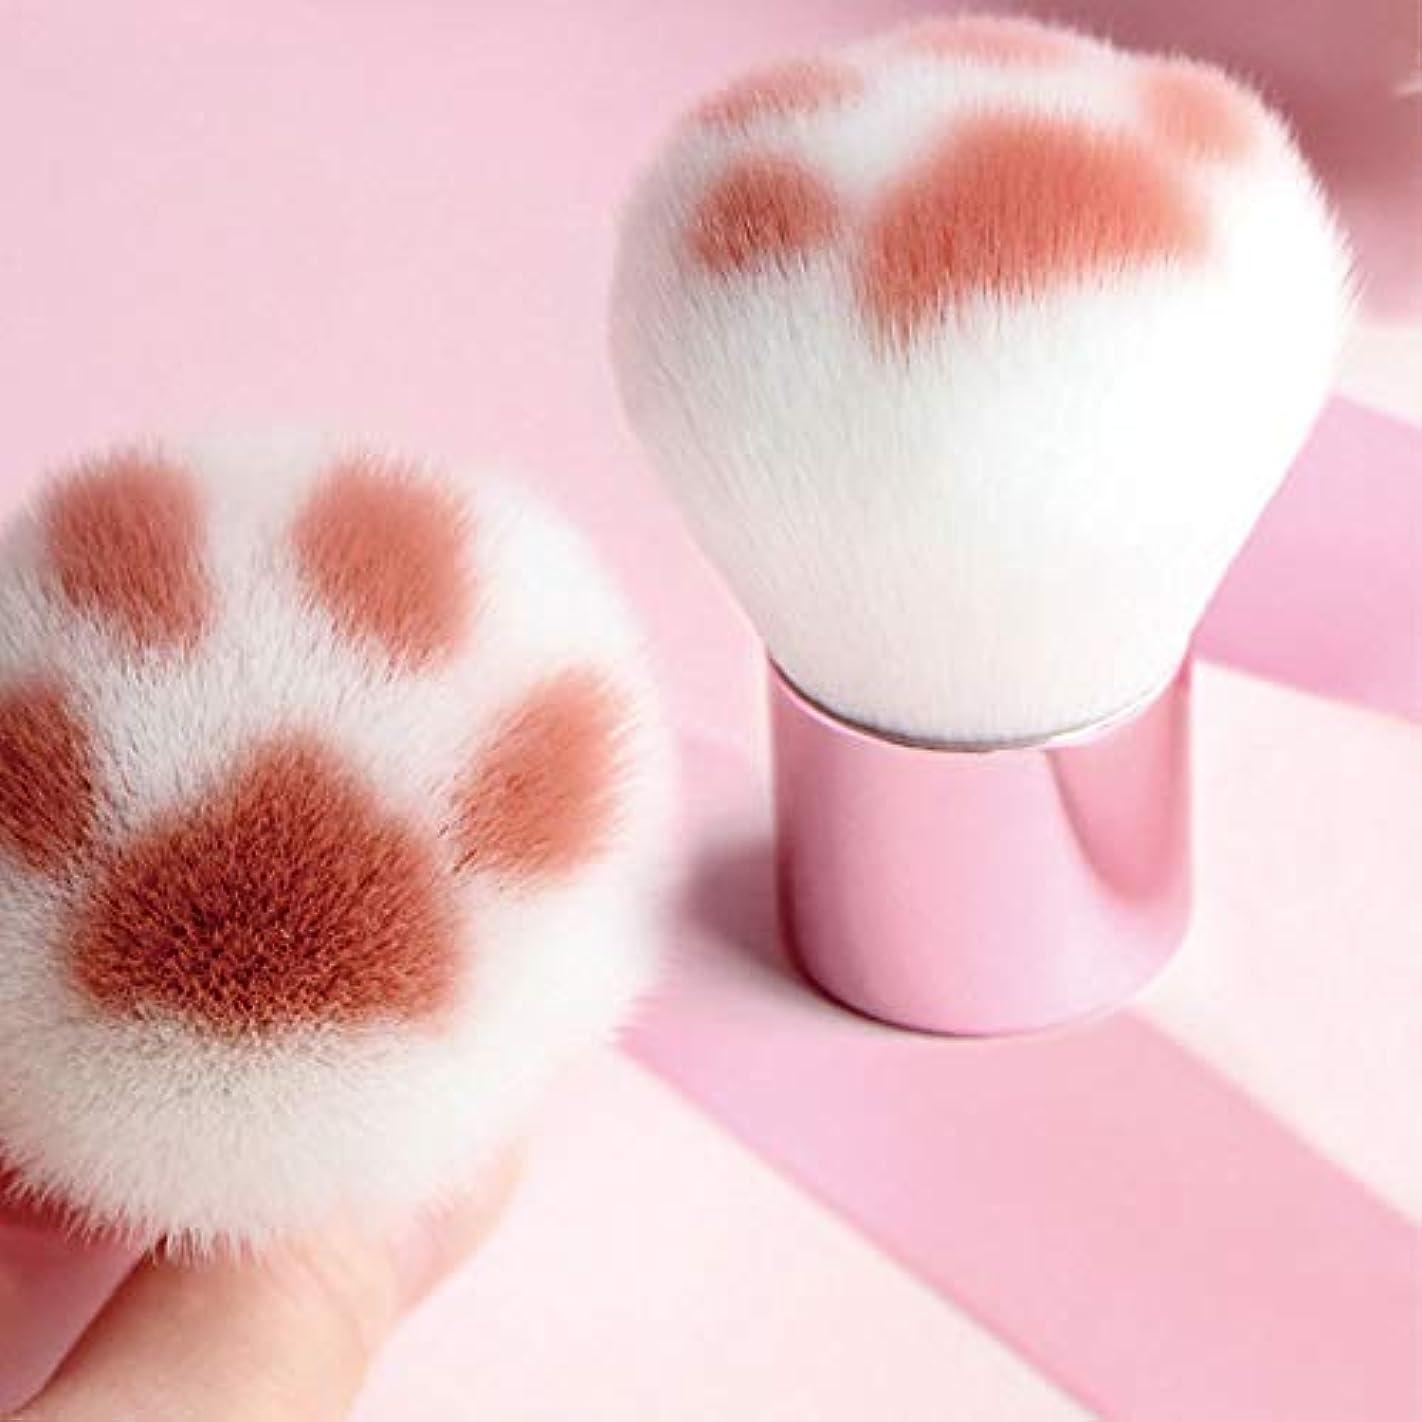 無効非常に浸食化粧ブラシ、ファンデーションブラシ、猫の爪形化粧ブラシ、カワイイファンデーションブラシ、バーチハンドルレーヨン化粧ブラシ美容化粧ツール (White)